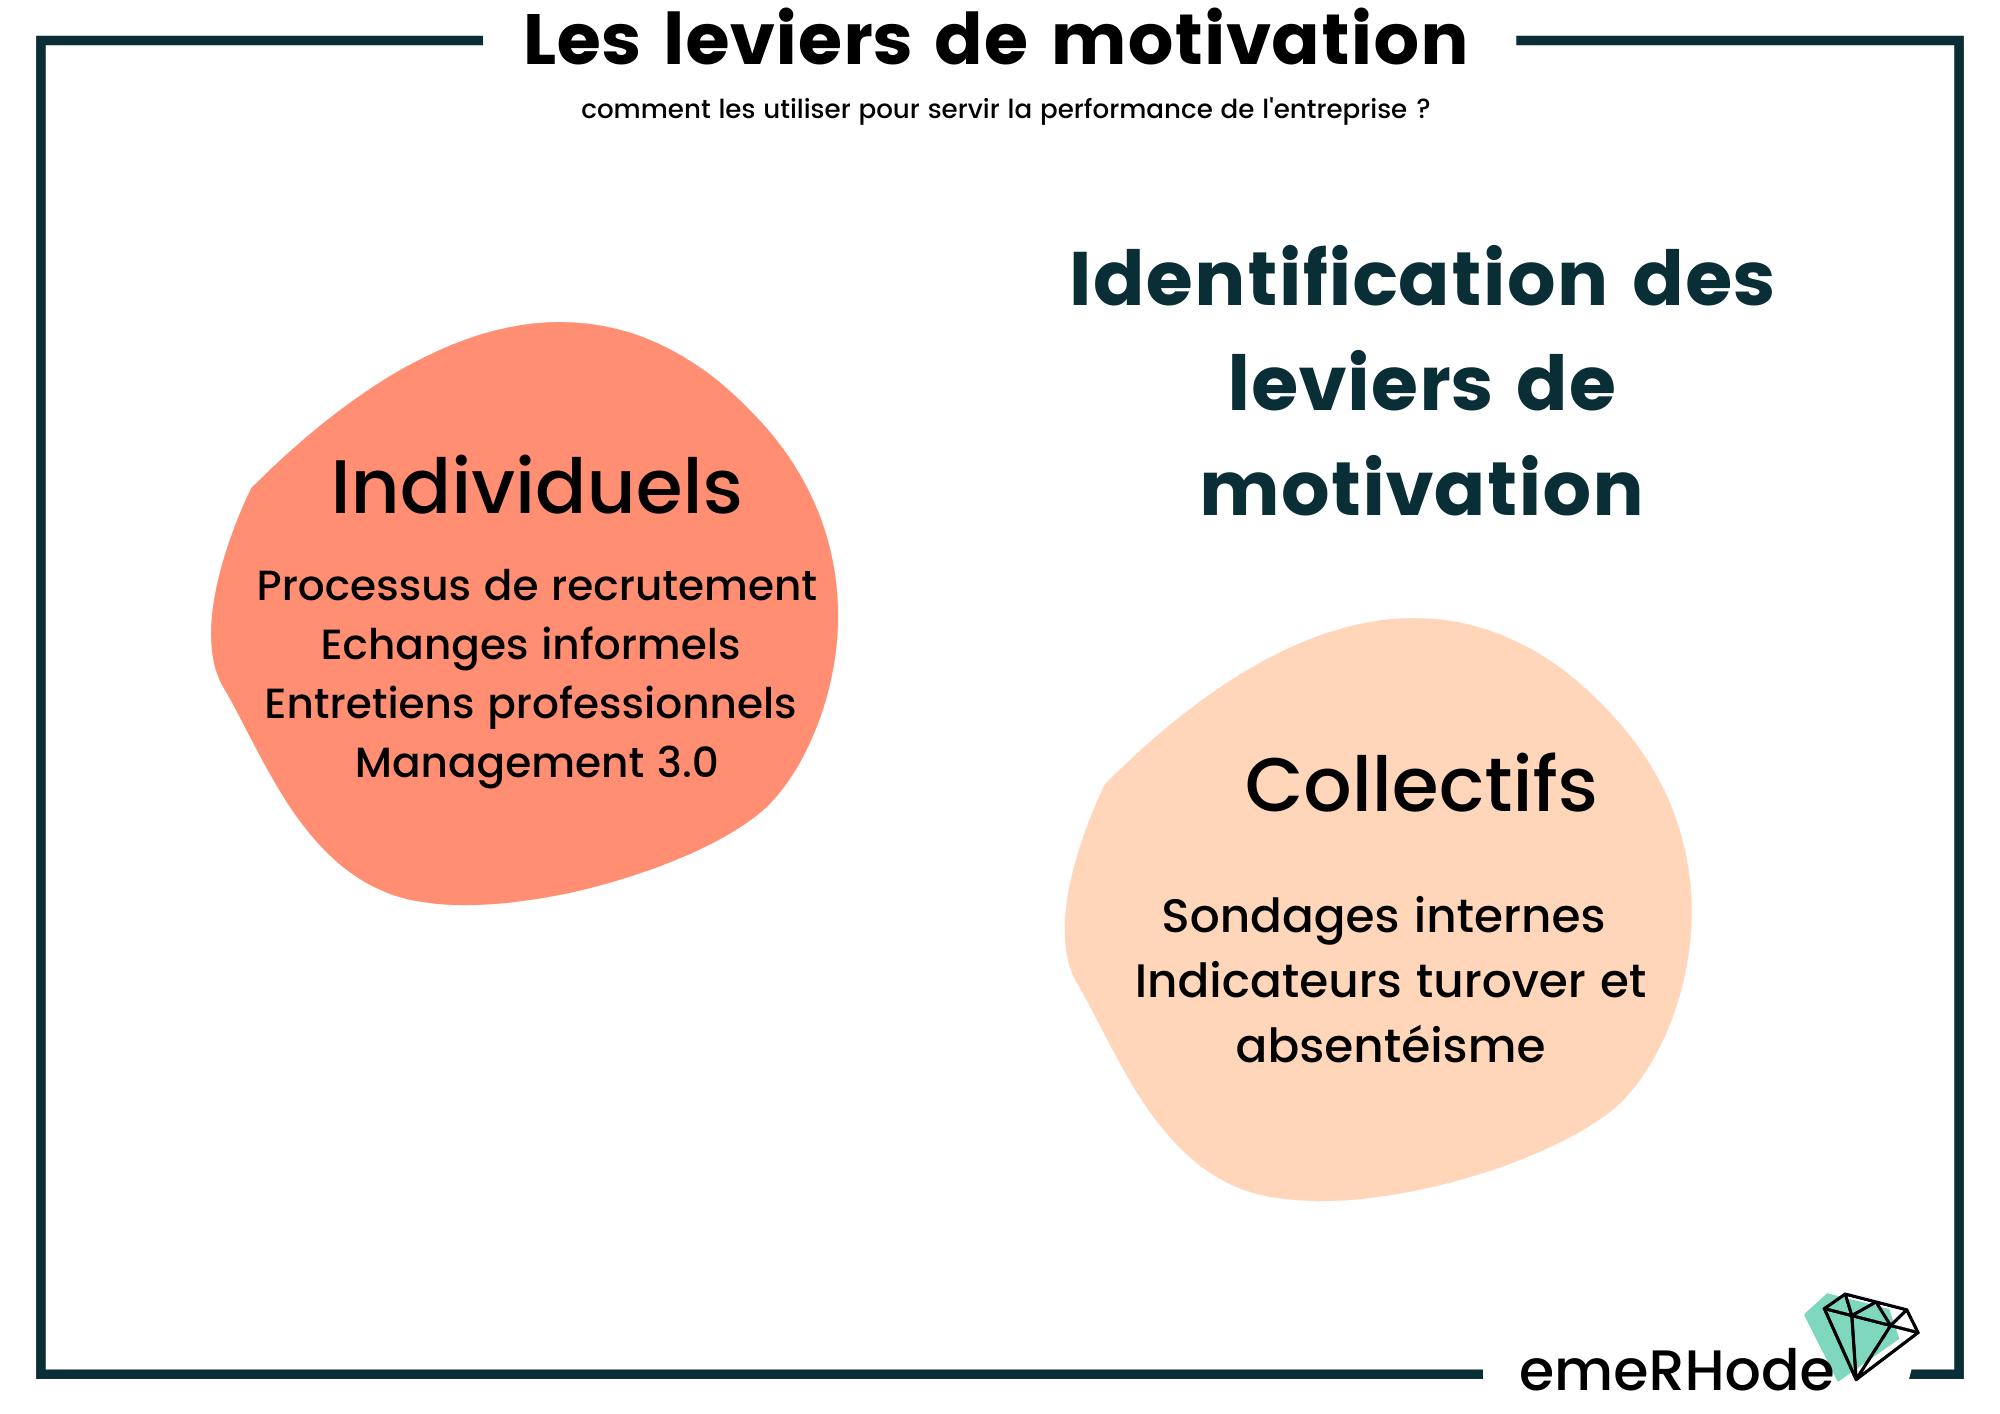 Identification leviers de motivation